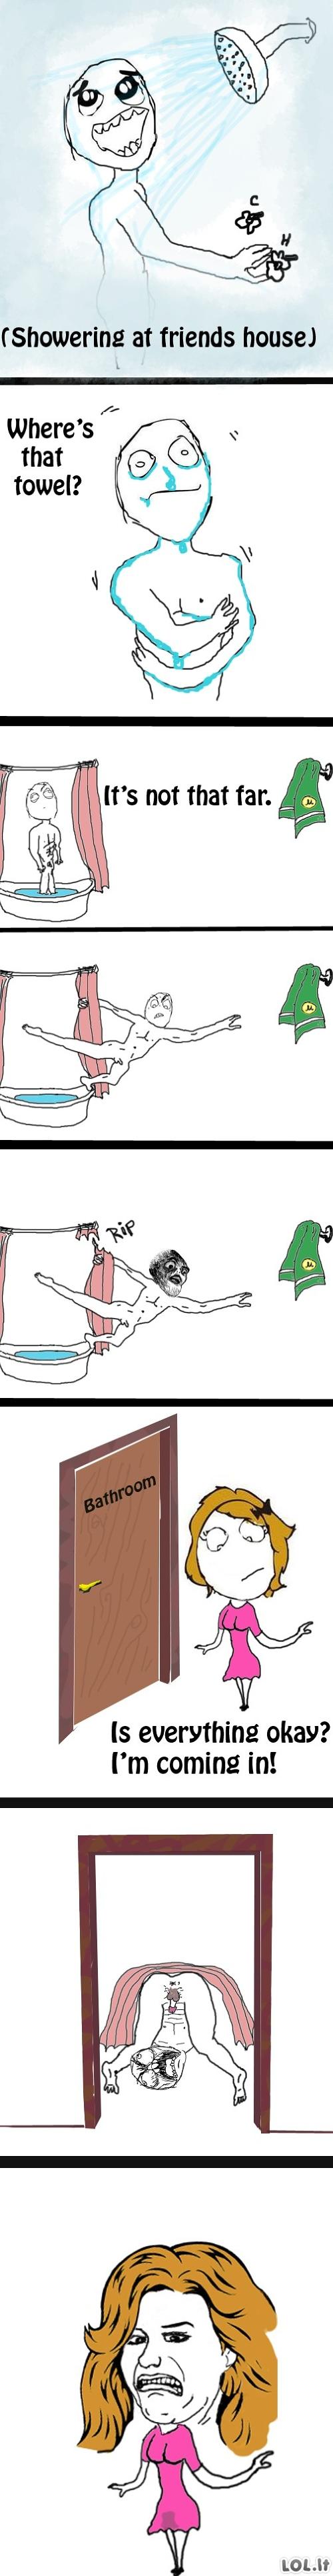 Dušas svečiuose